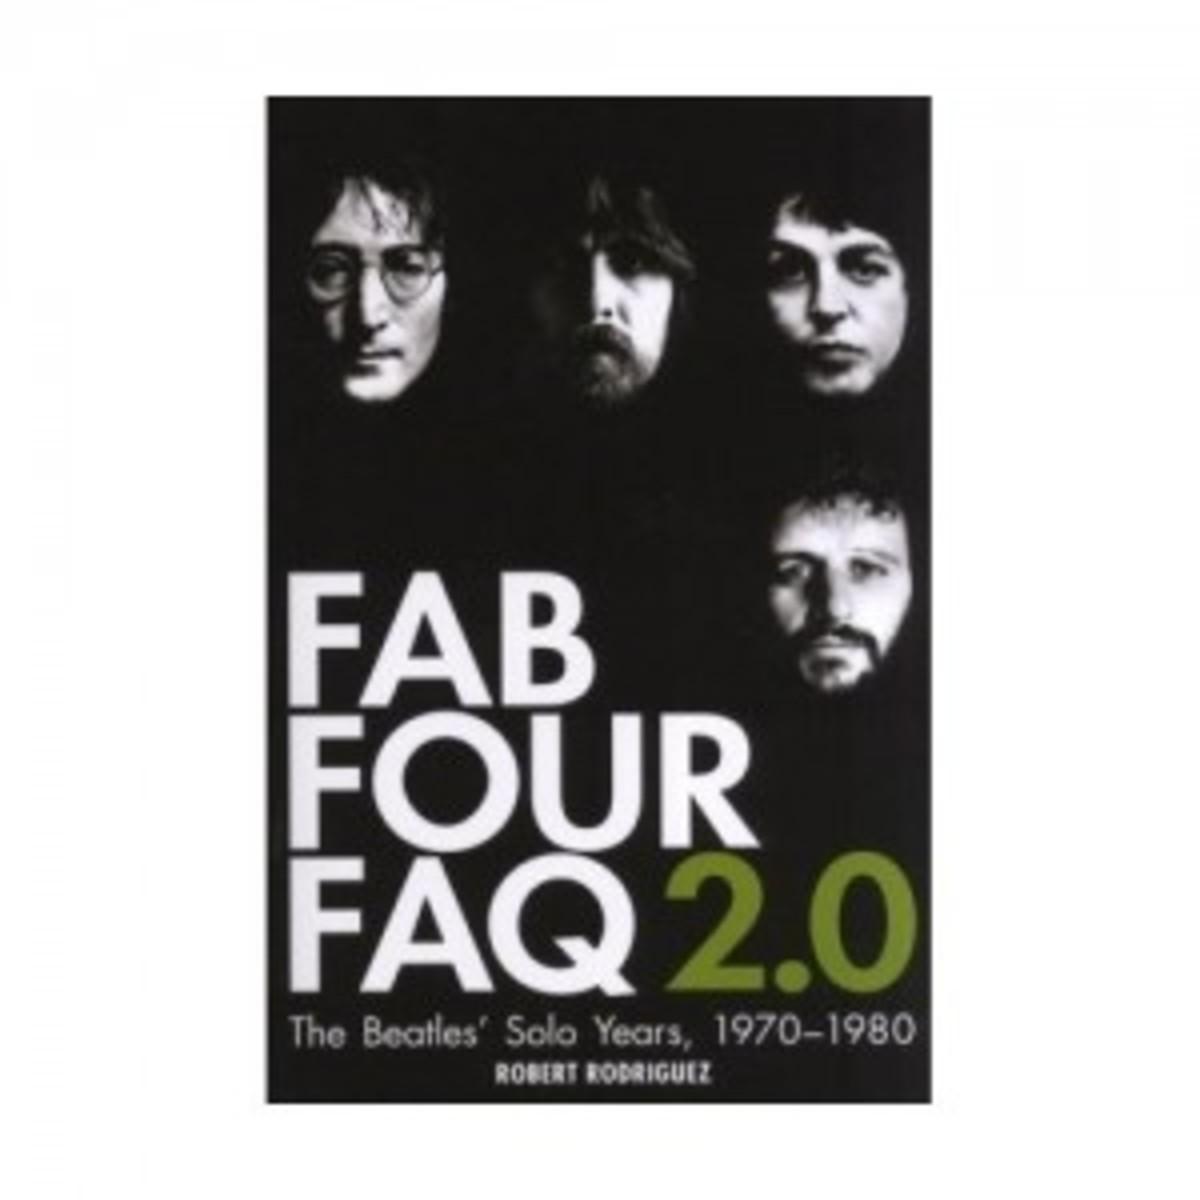 FabFourFAQ2